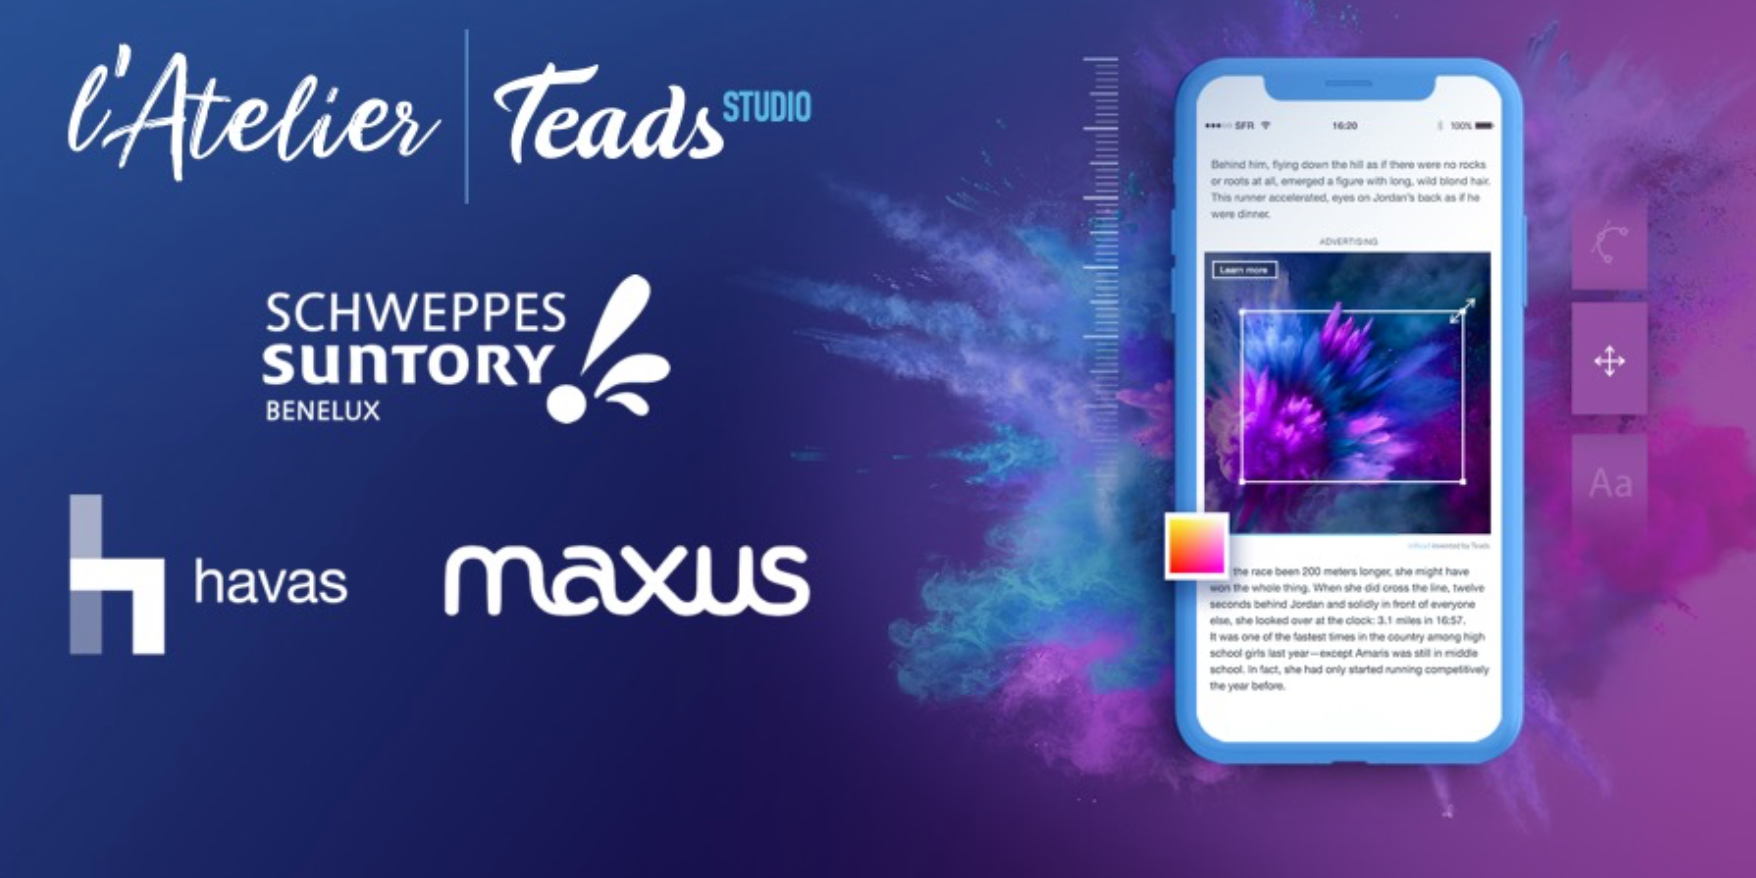 Photo of Schweppes Suntory Benelux, Maxus et Havas conçoivent une campagne publicitaire grâce au premier Atelier Teads Studio